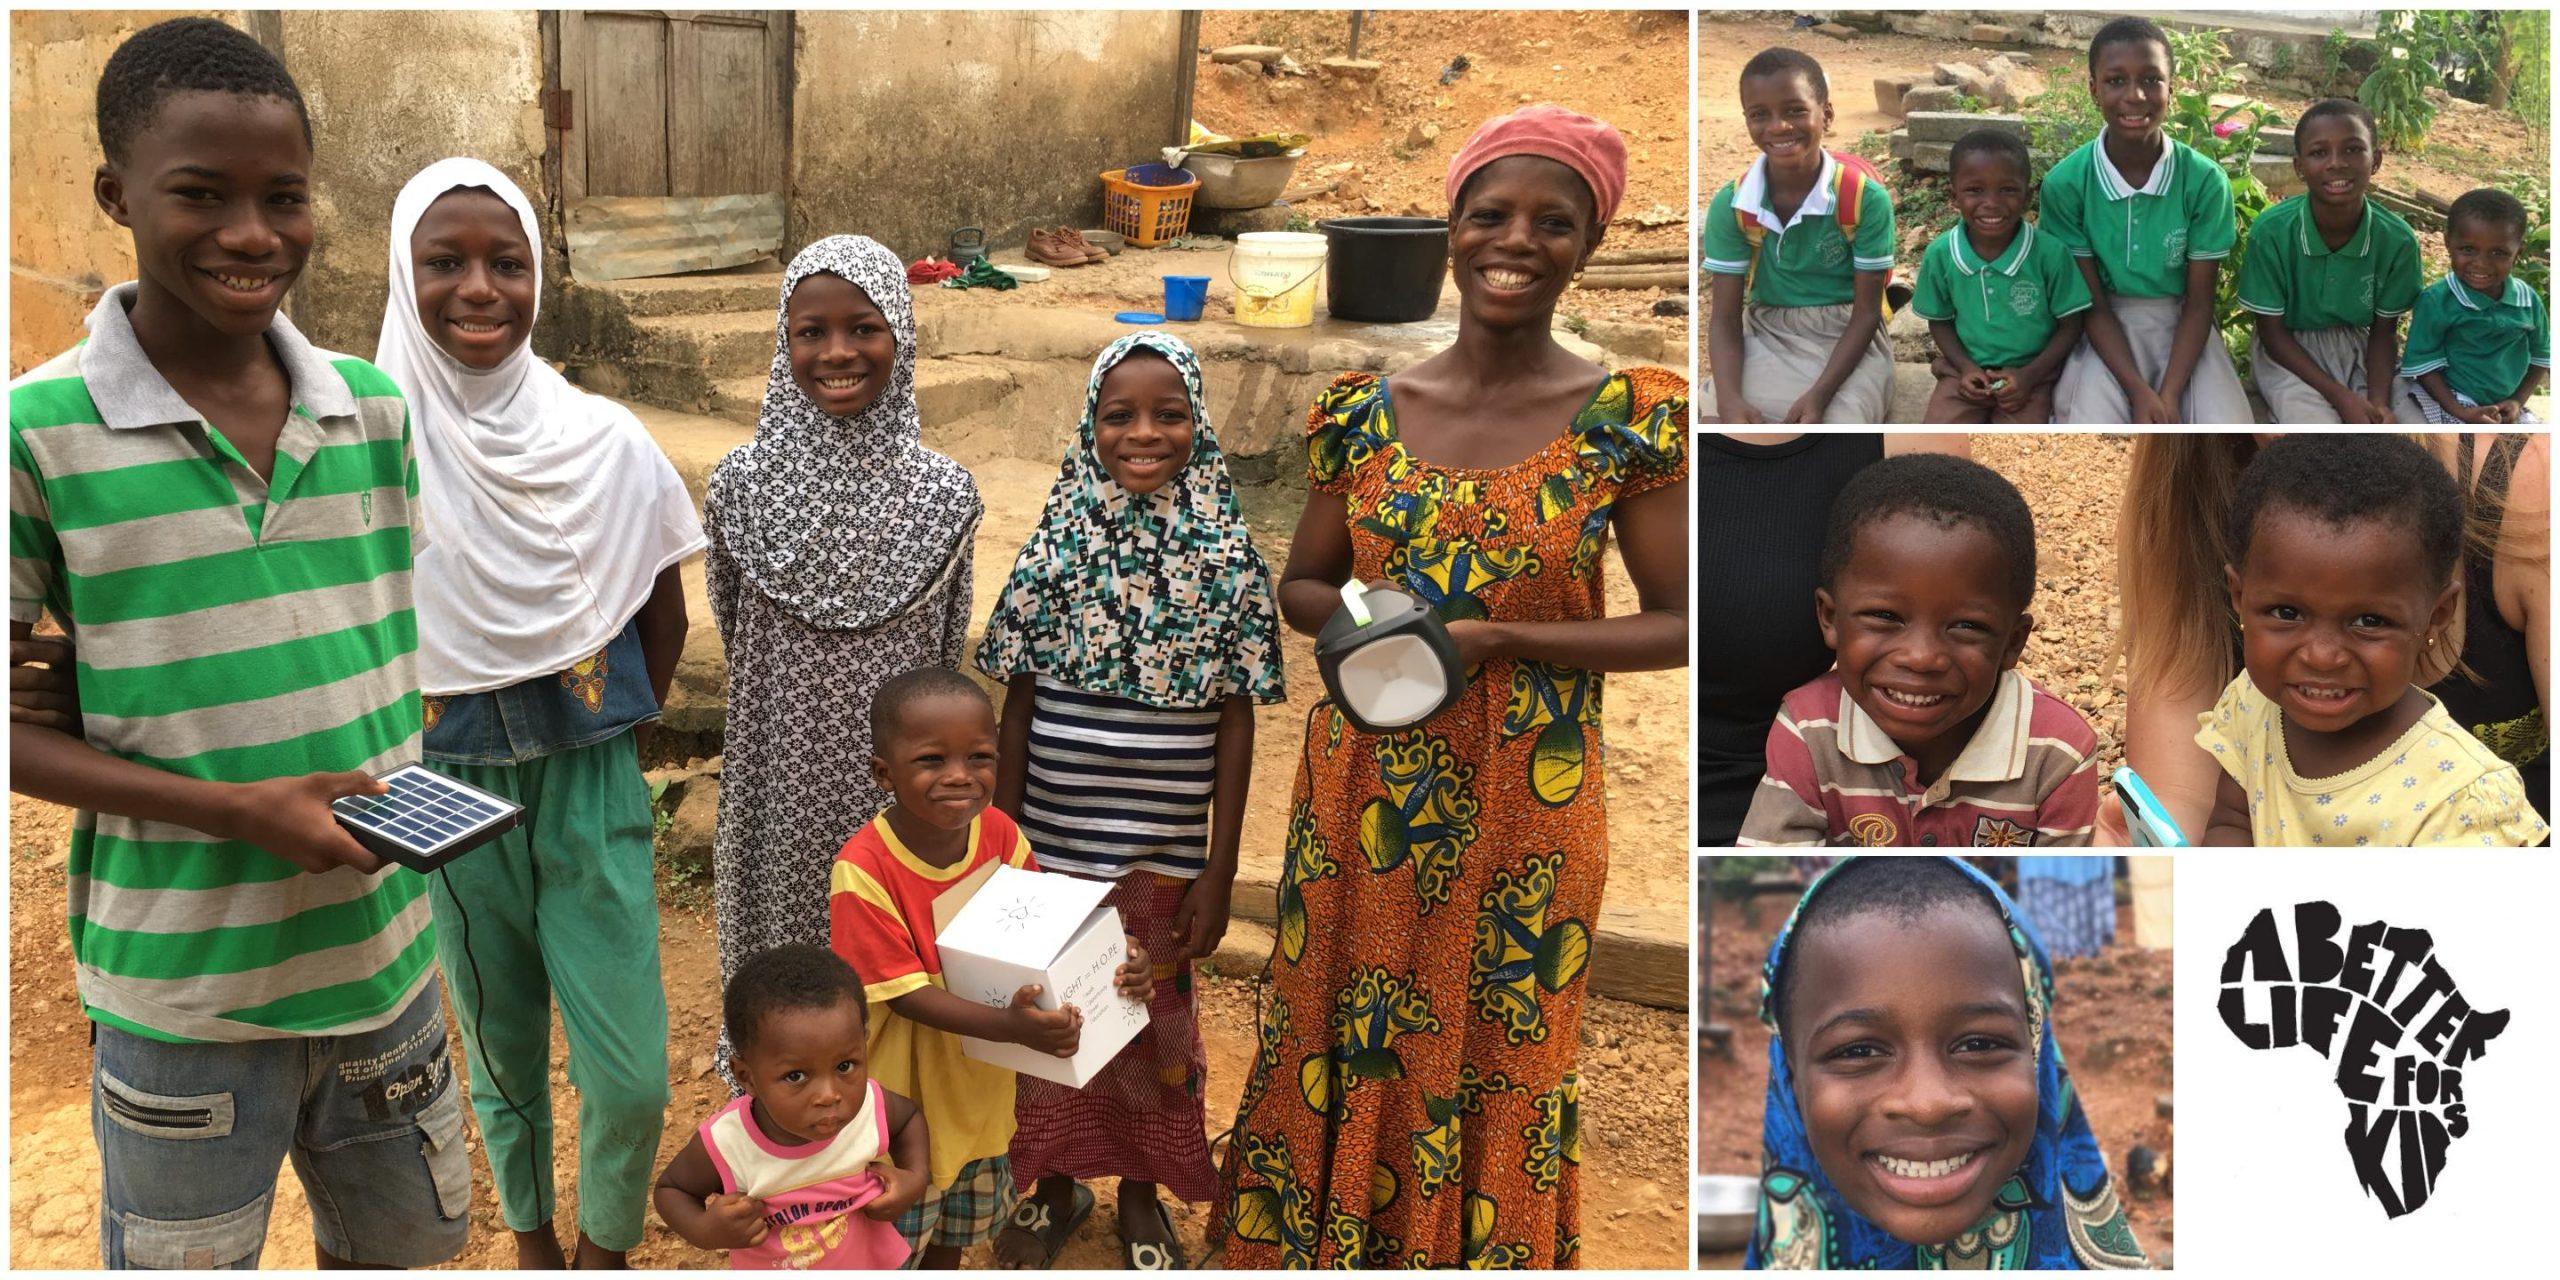 10th Annual Golf for Ghana's Orphans 2021